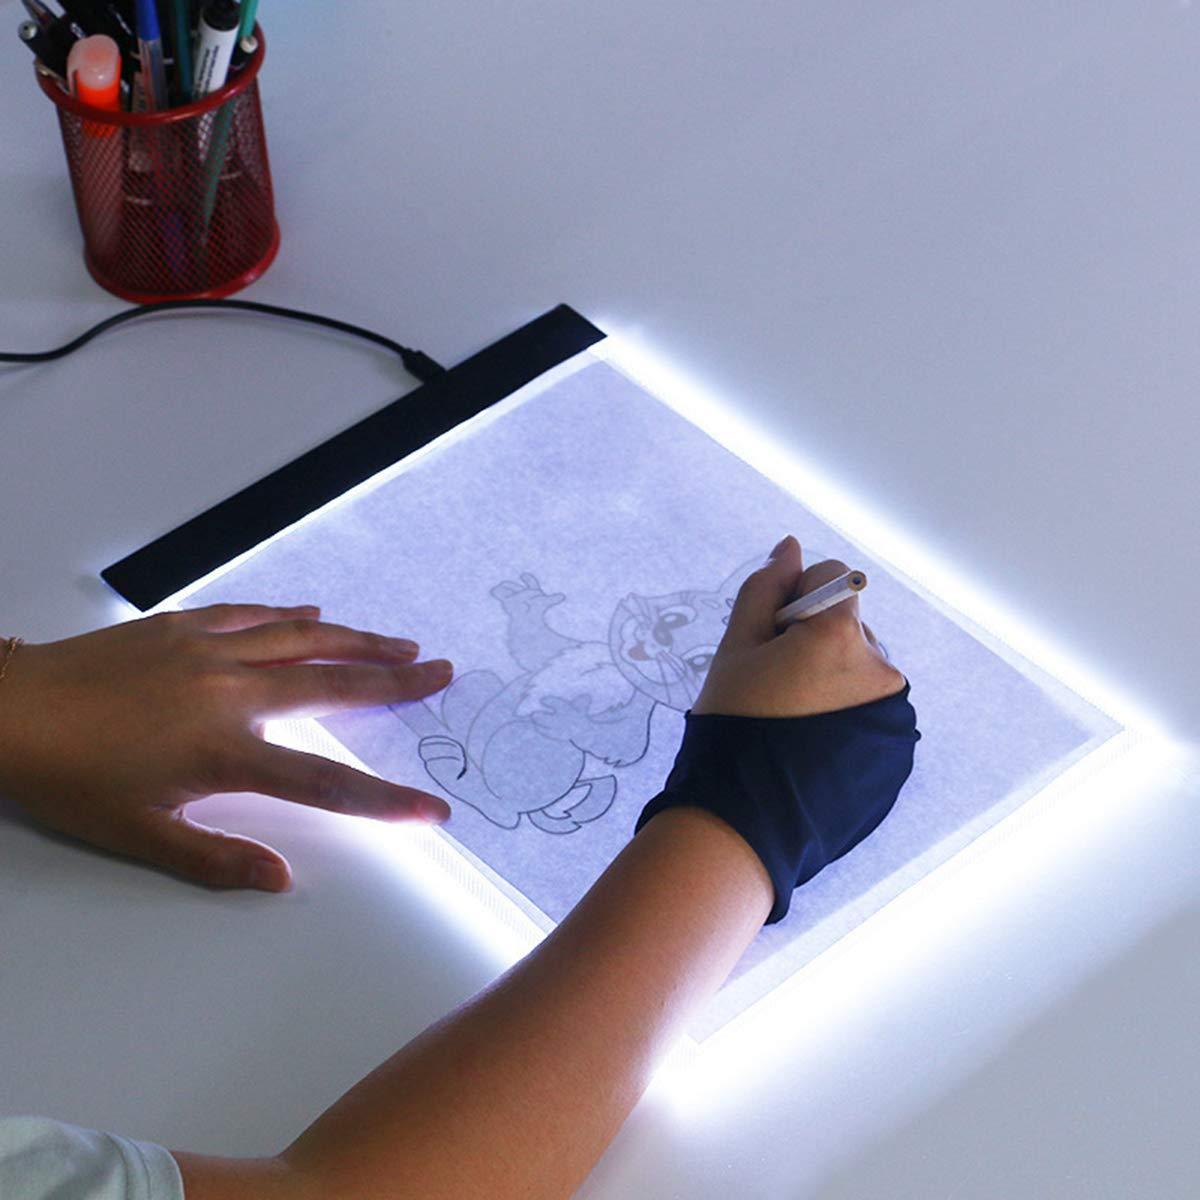 Evilandat Cuaderno de luz de rastreo Blanco A4, LED, 3 Niveles de Brillo, Ajustable, para Pintura, Tatuaje, animaci/ón